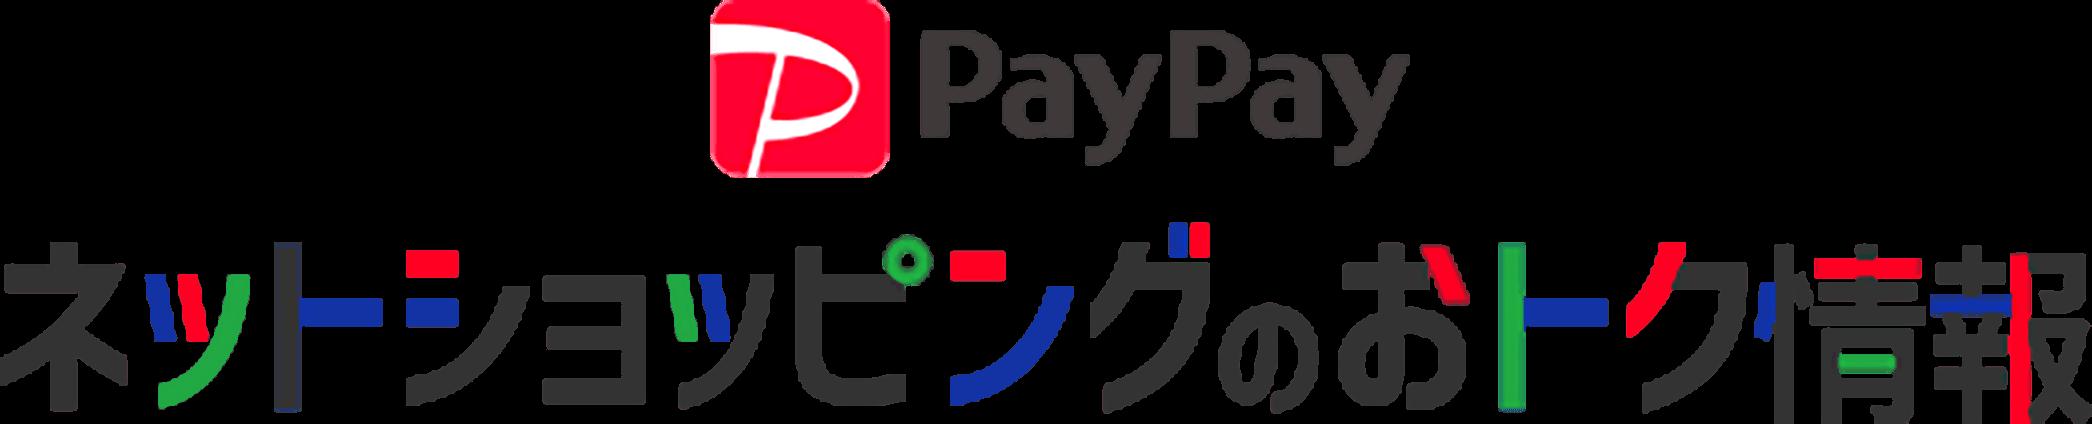 PayPay ネットショッピングのおトク情報